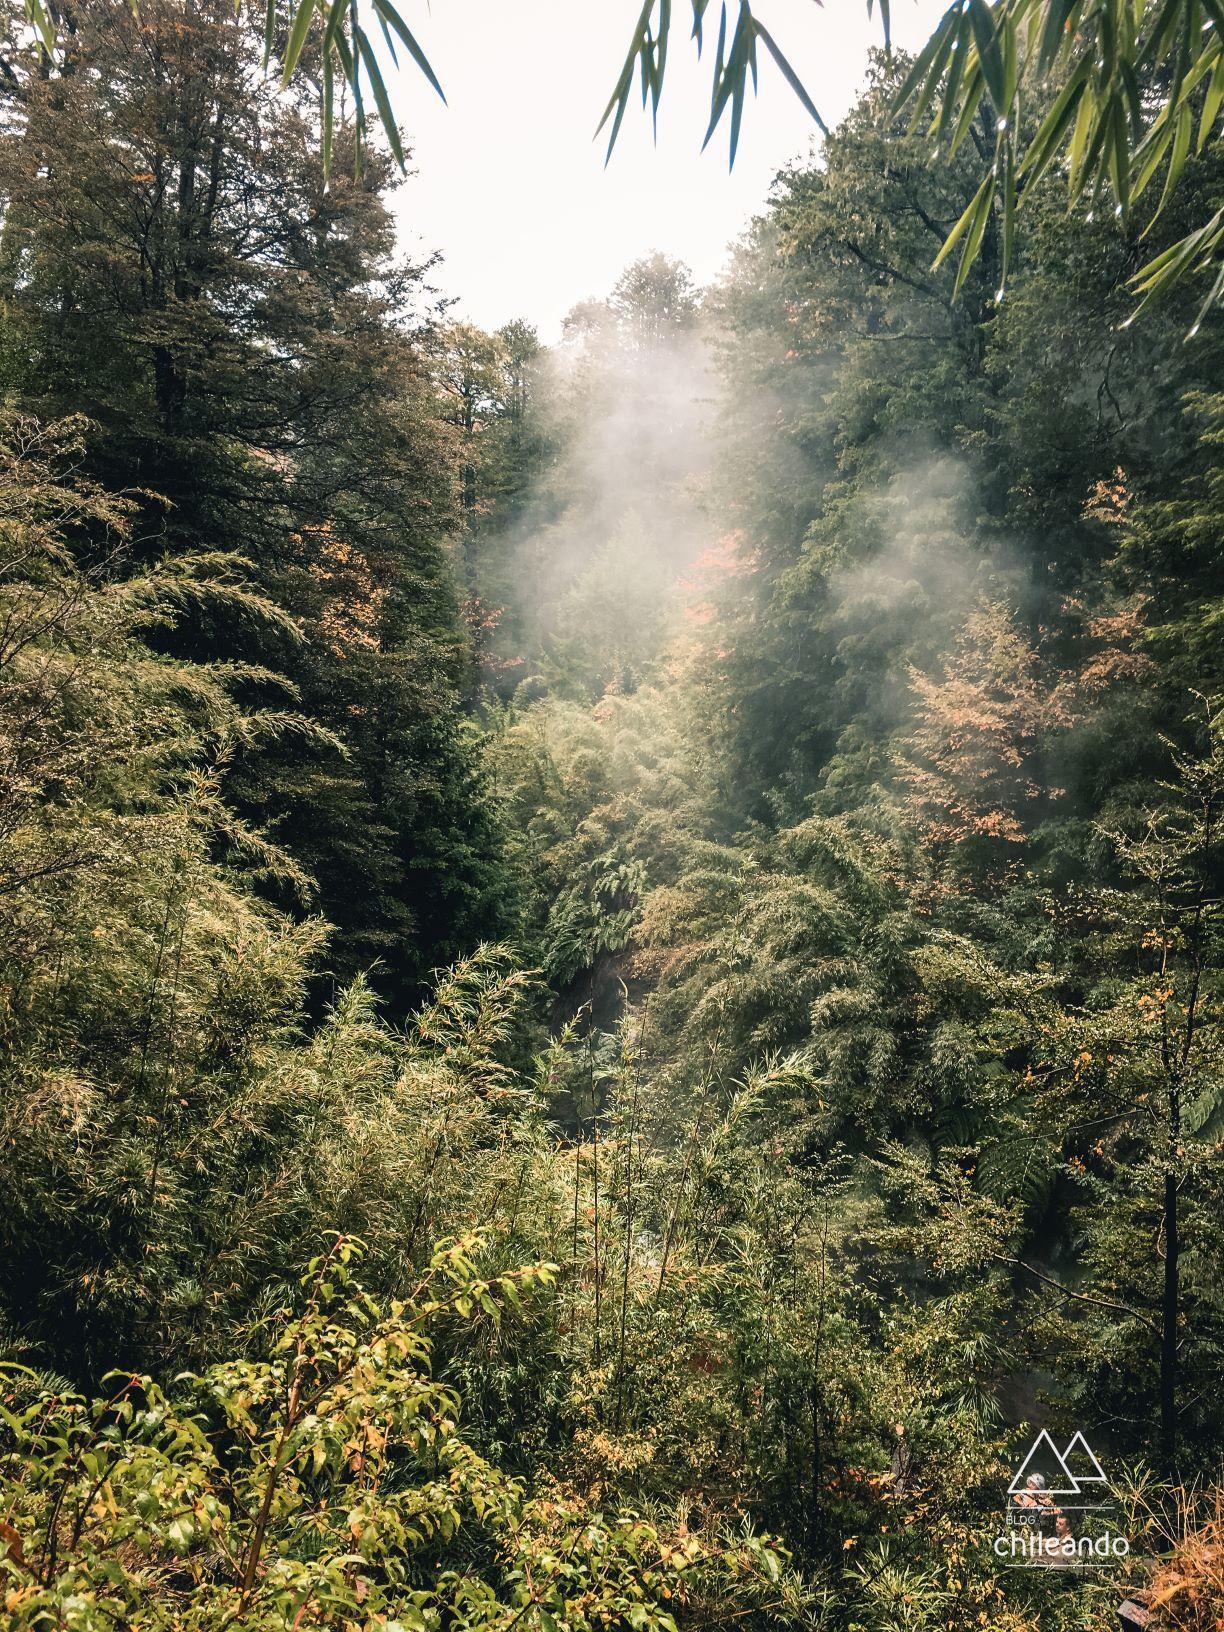 Piscinas quentes das termas geométricas em meio a um denso bosque